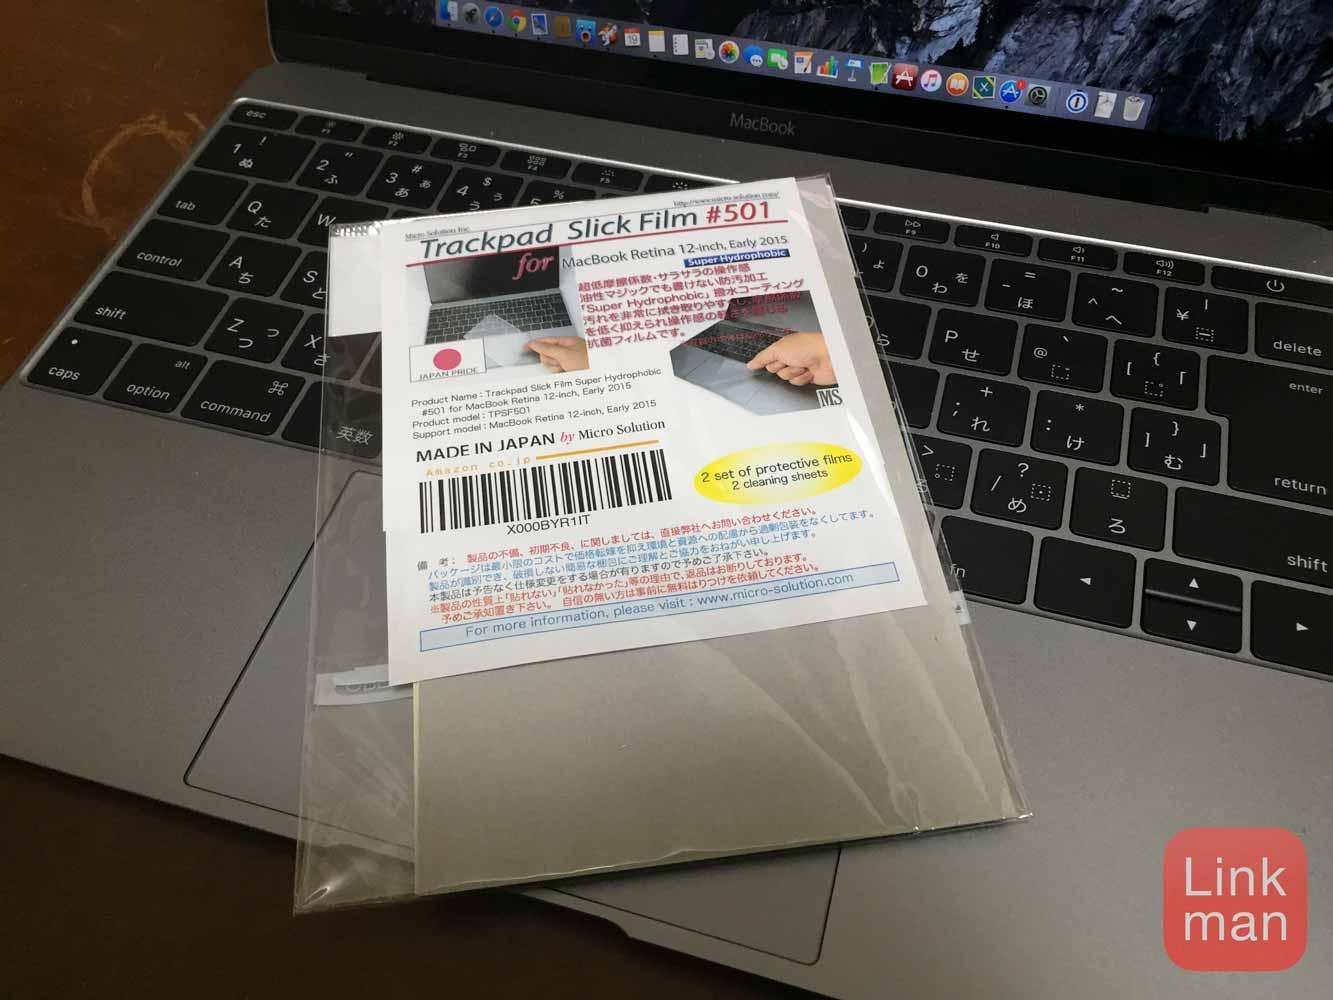 【レビュー】Micro SolutionのMacBook用トラックパッドフィルムを貼るとサラサラで使いやすい